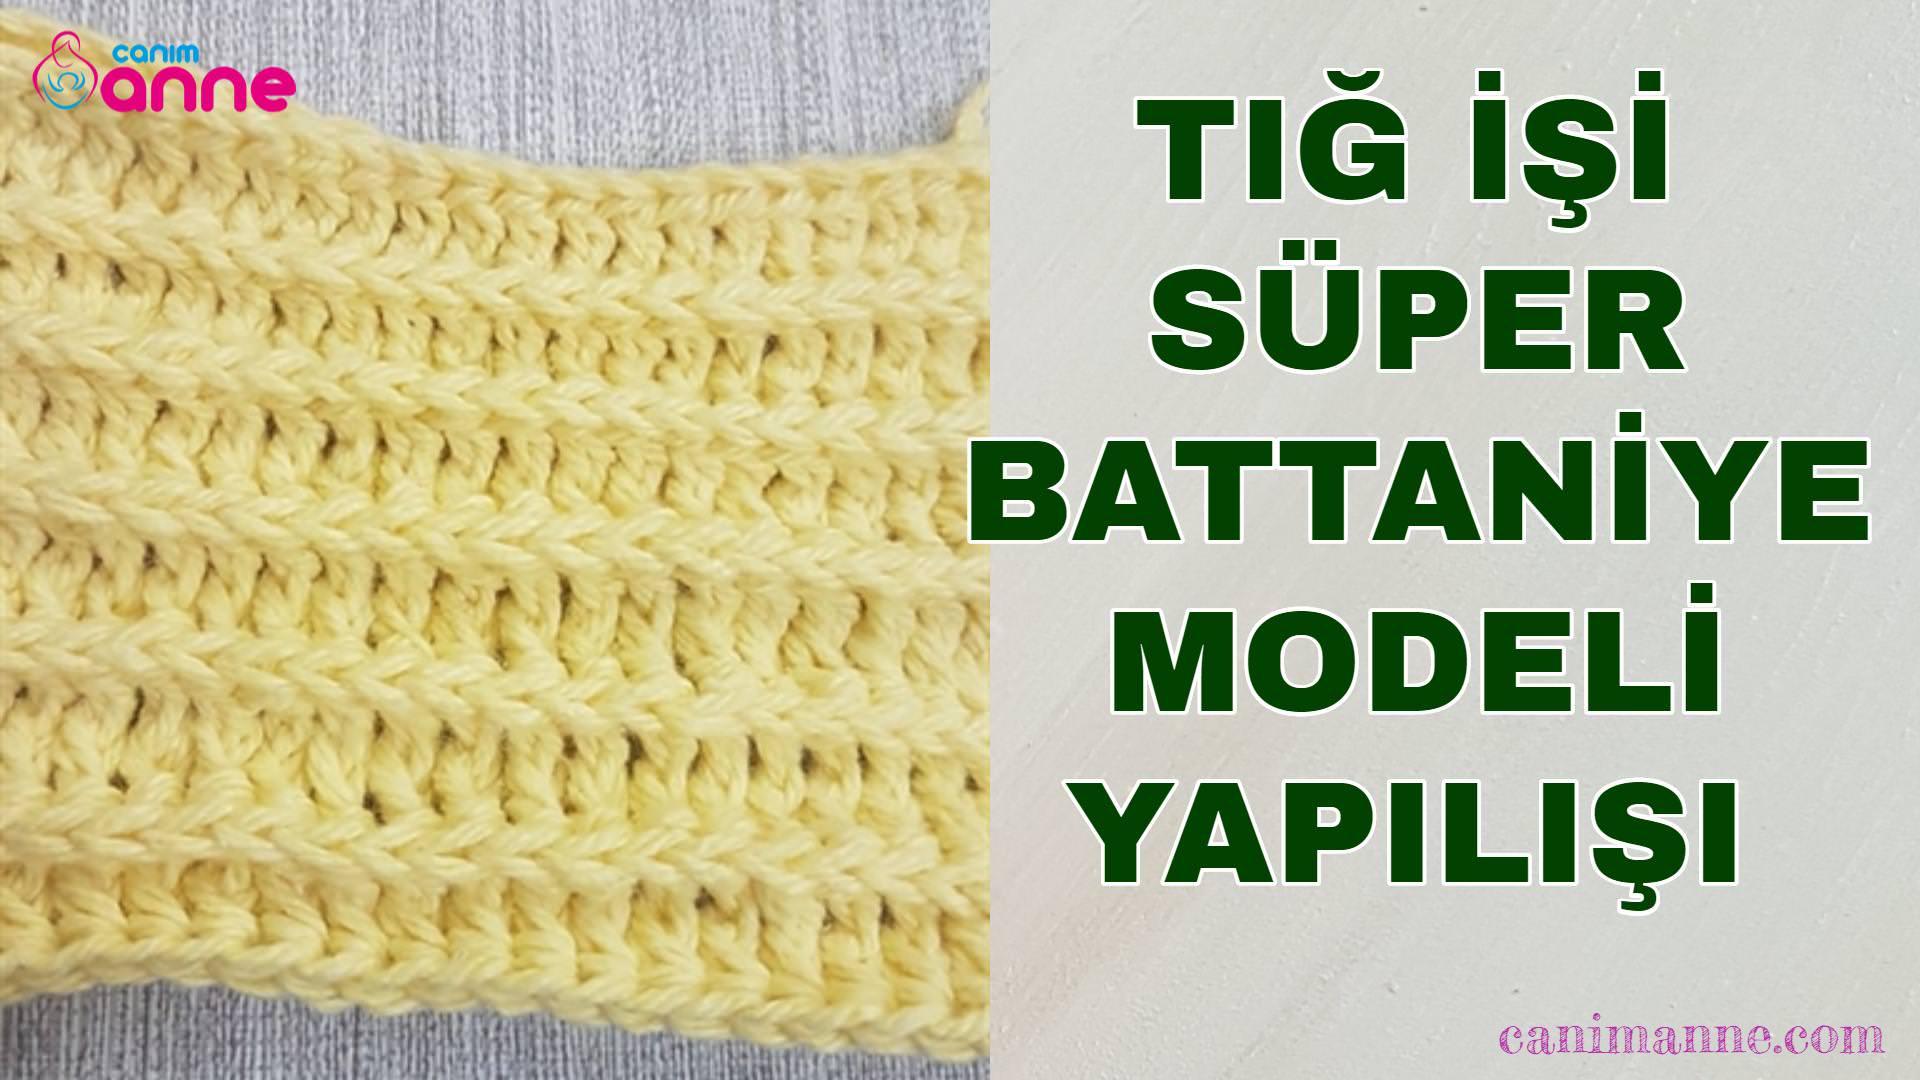 Tığ işi süper battaniye modeli yapılışı